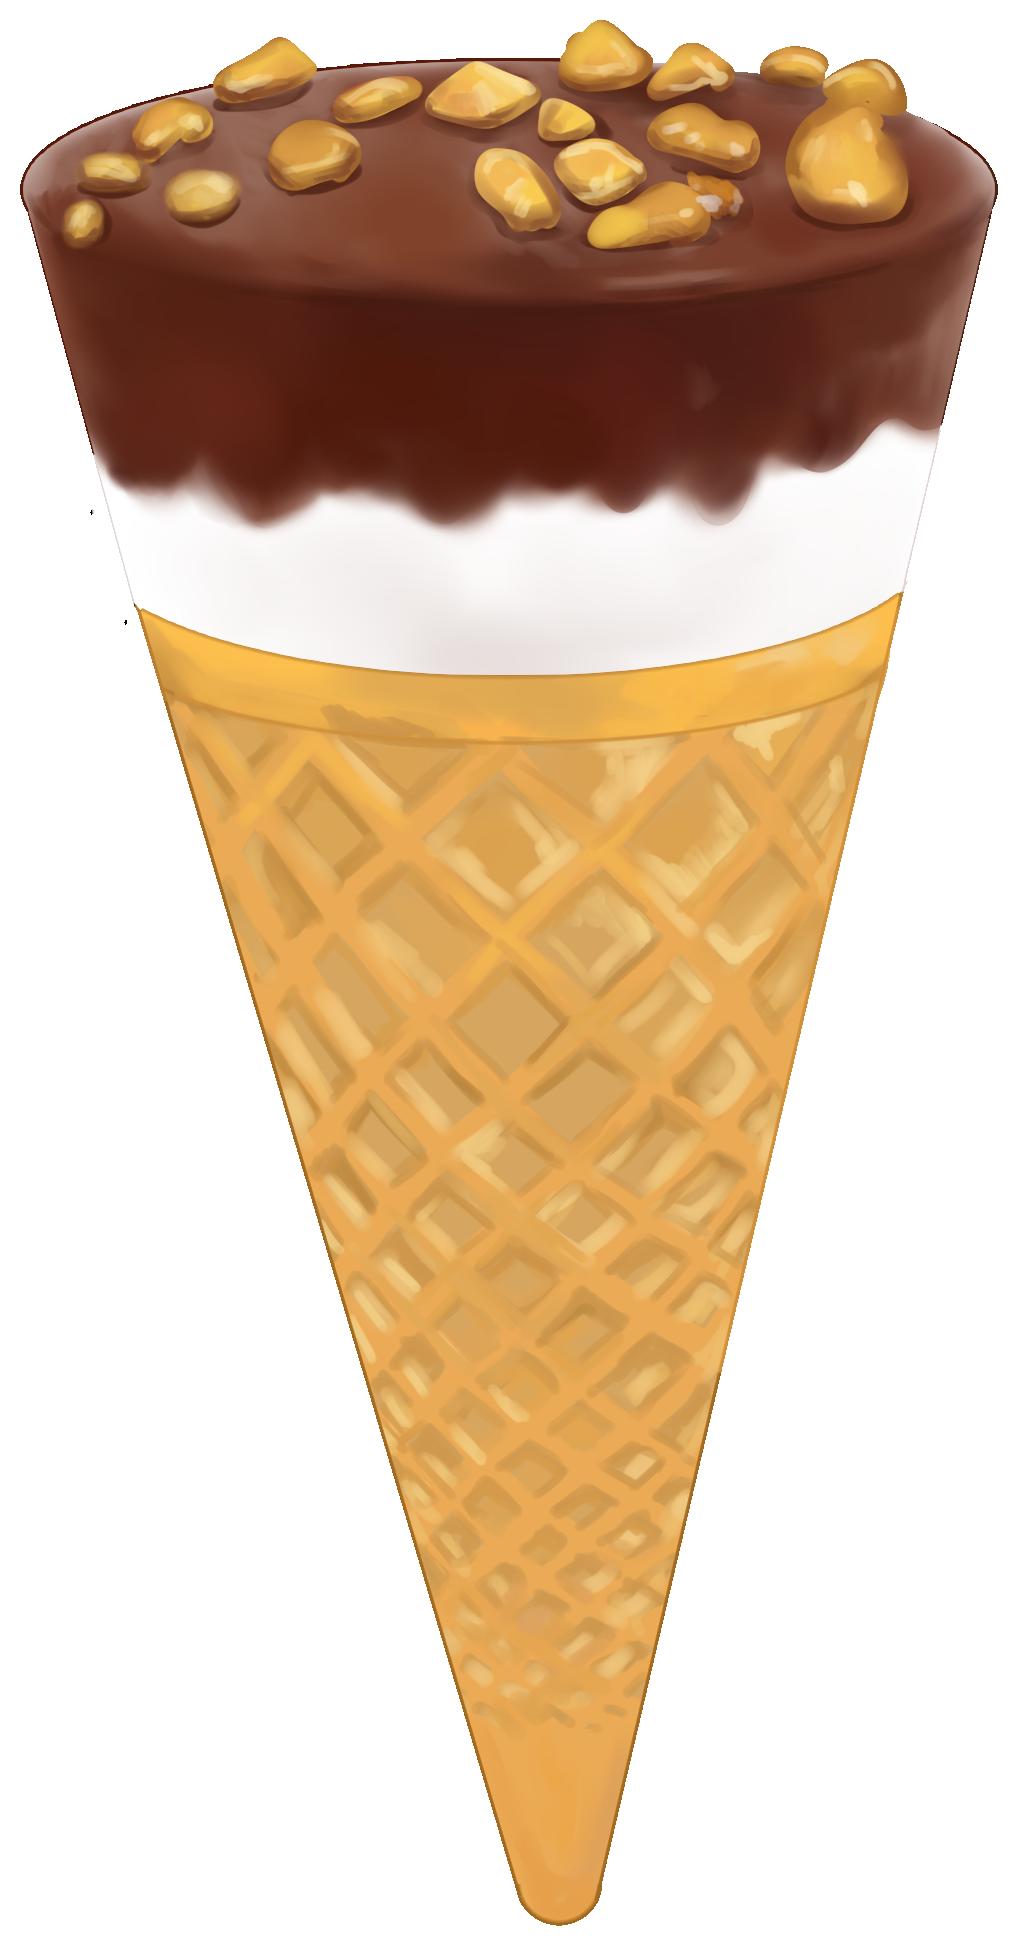 チョコアイスの無料イラスト